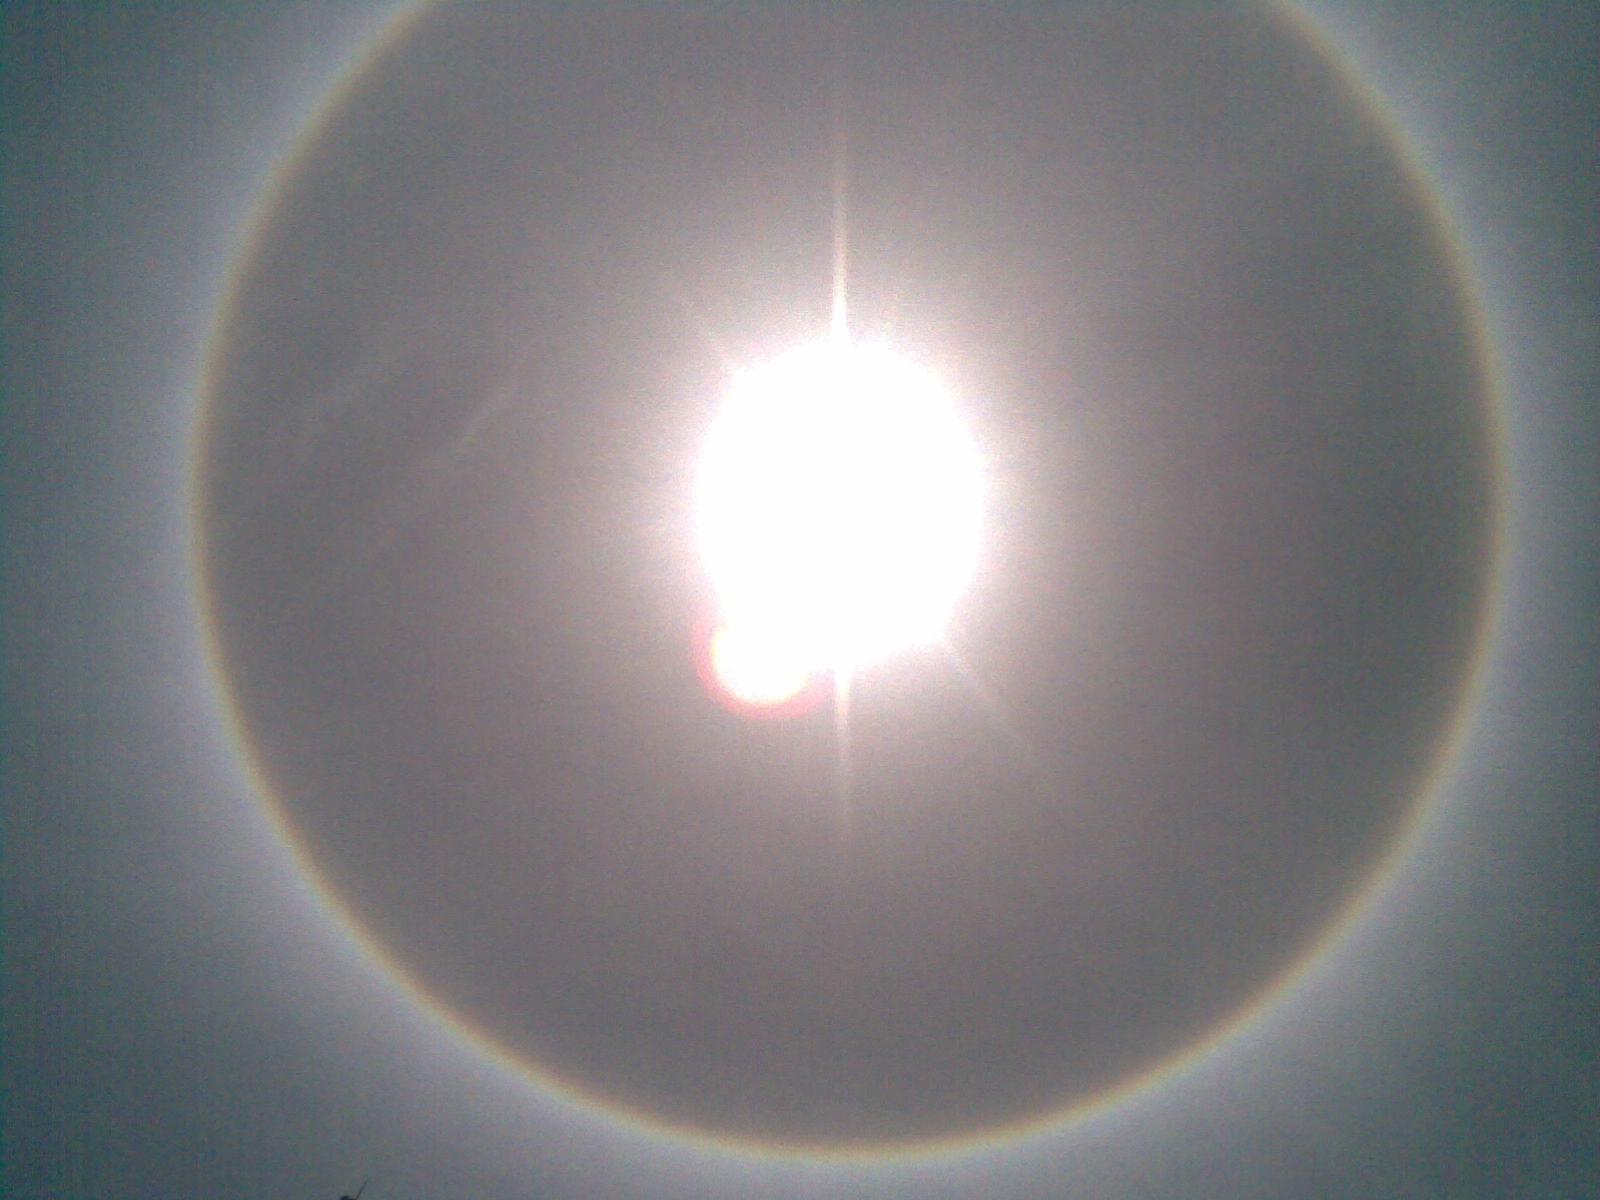 Pelangi Mengelilingi Matahari | Halo Matahari di Padang